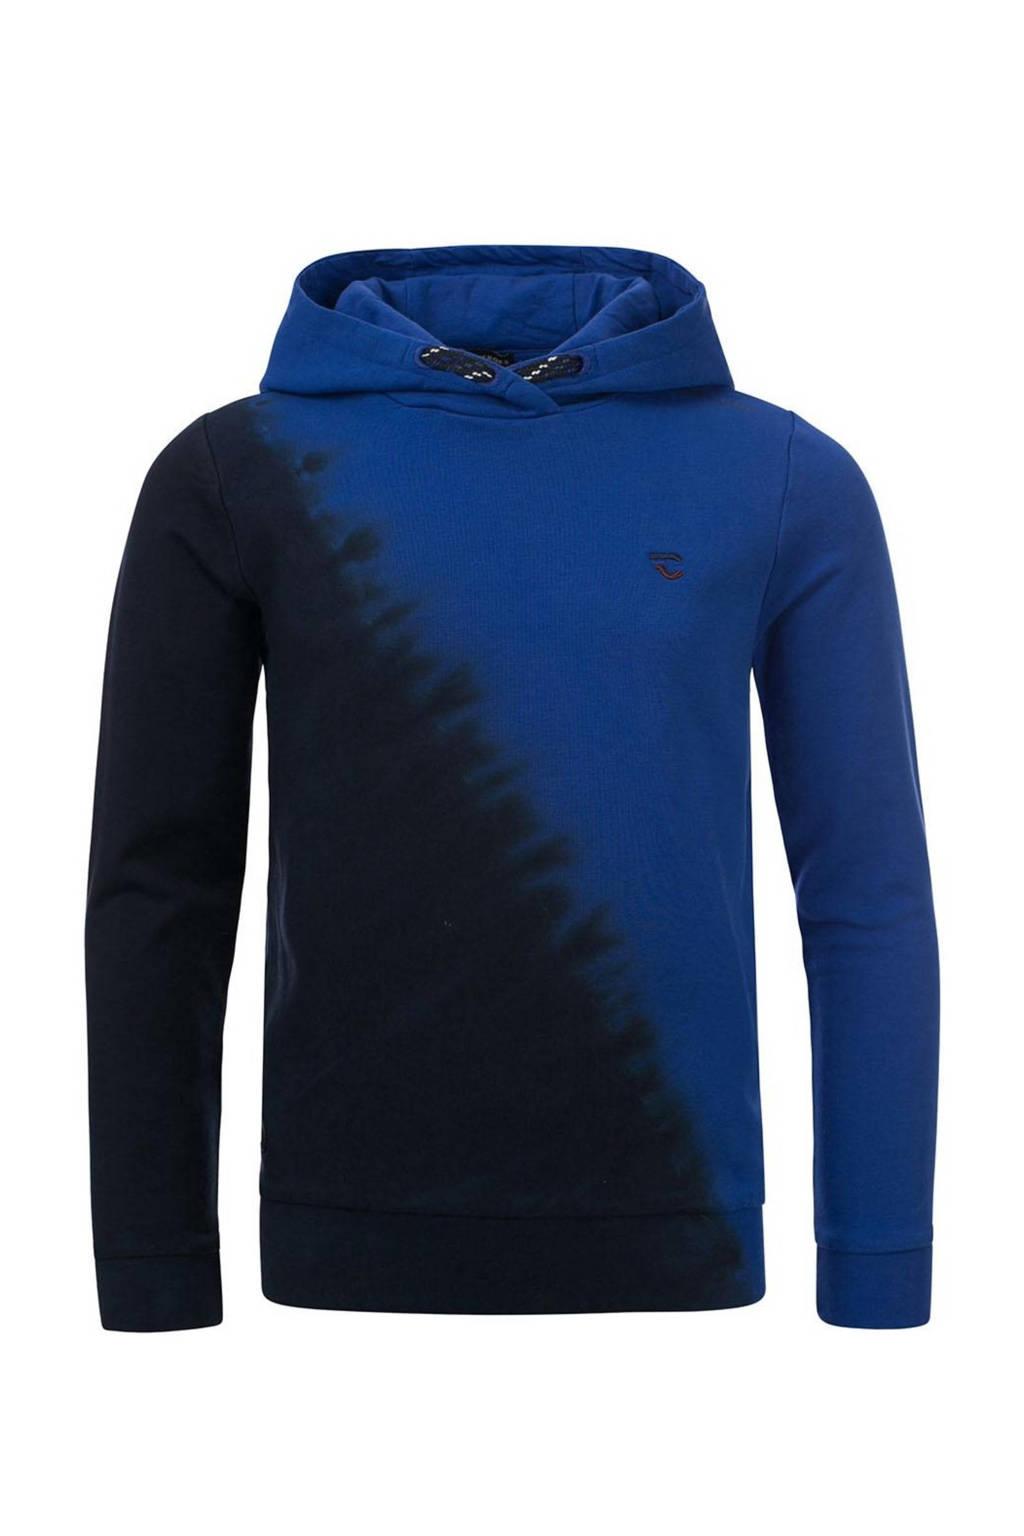 COMMON HEROES dip-dye hoodie Stefan blauw/zwart, Blauw/zwart